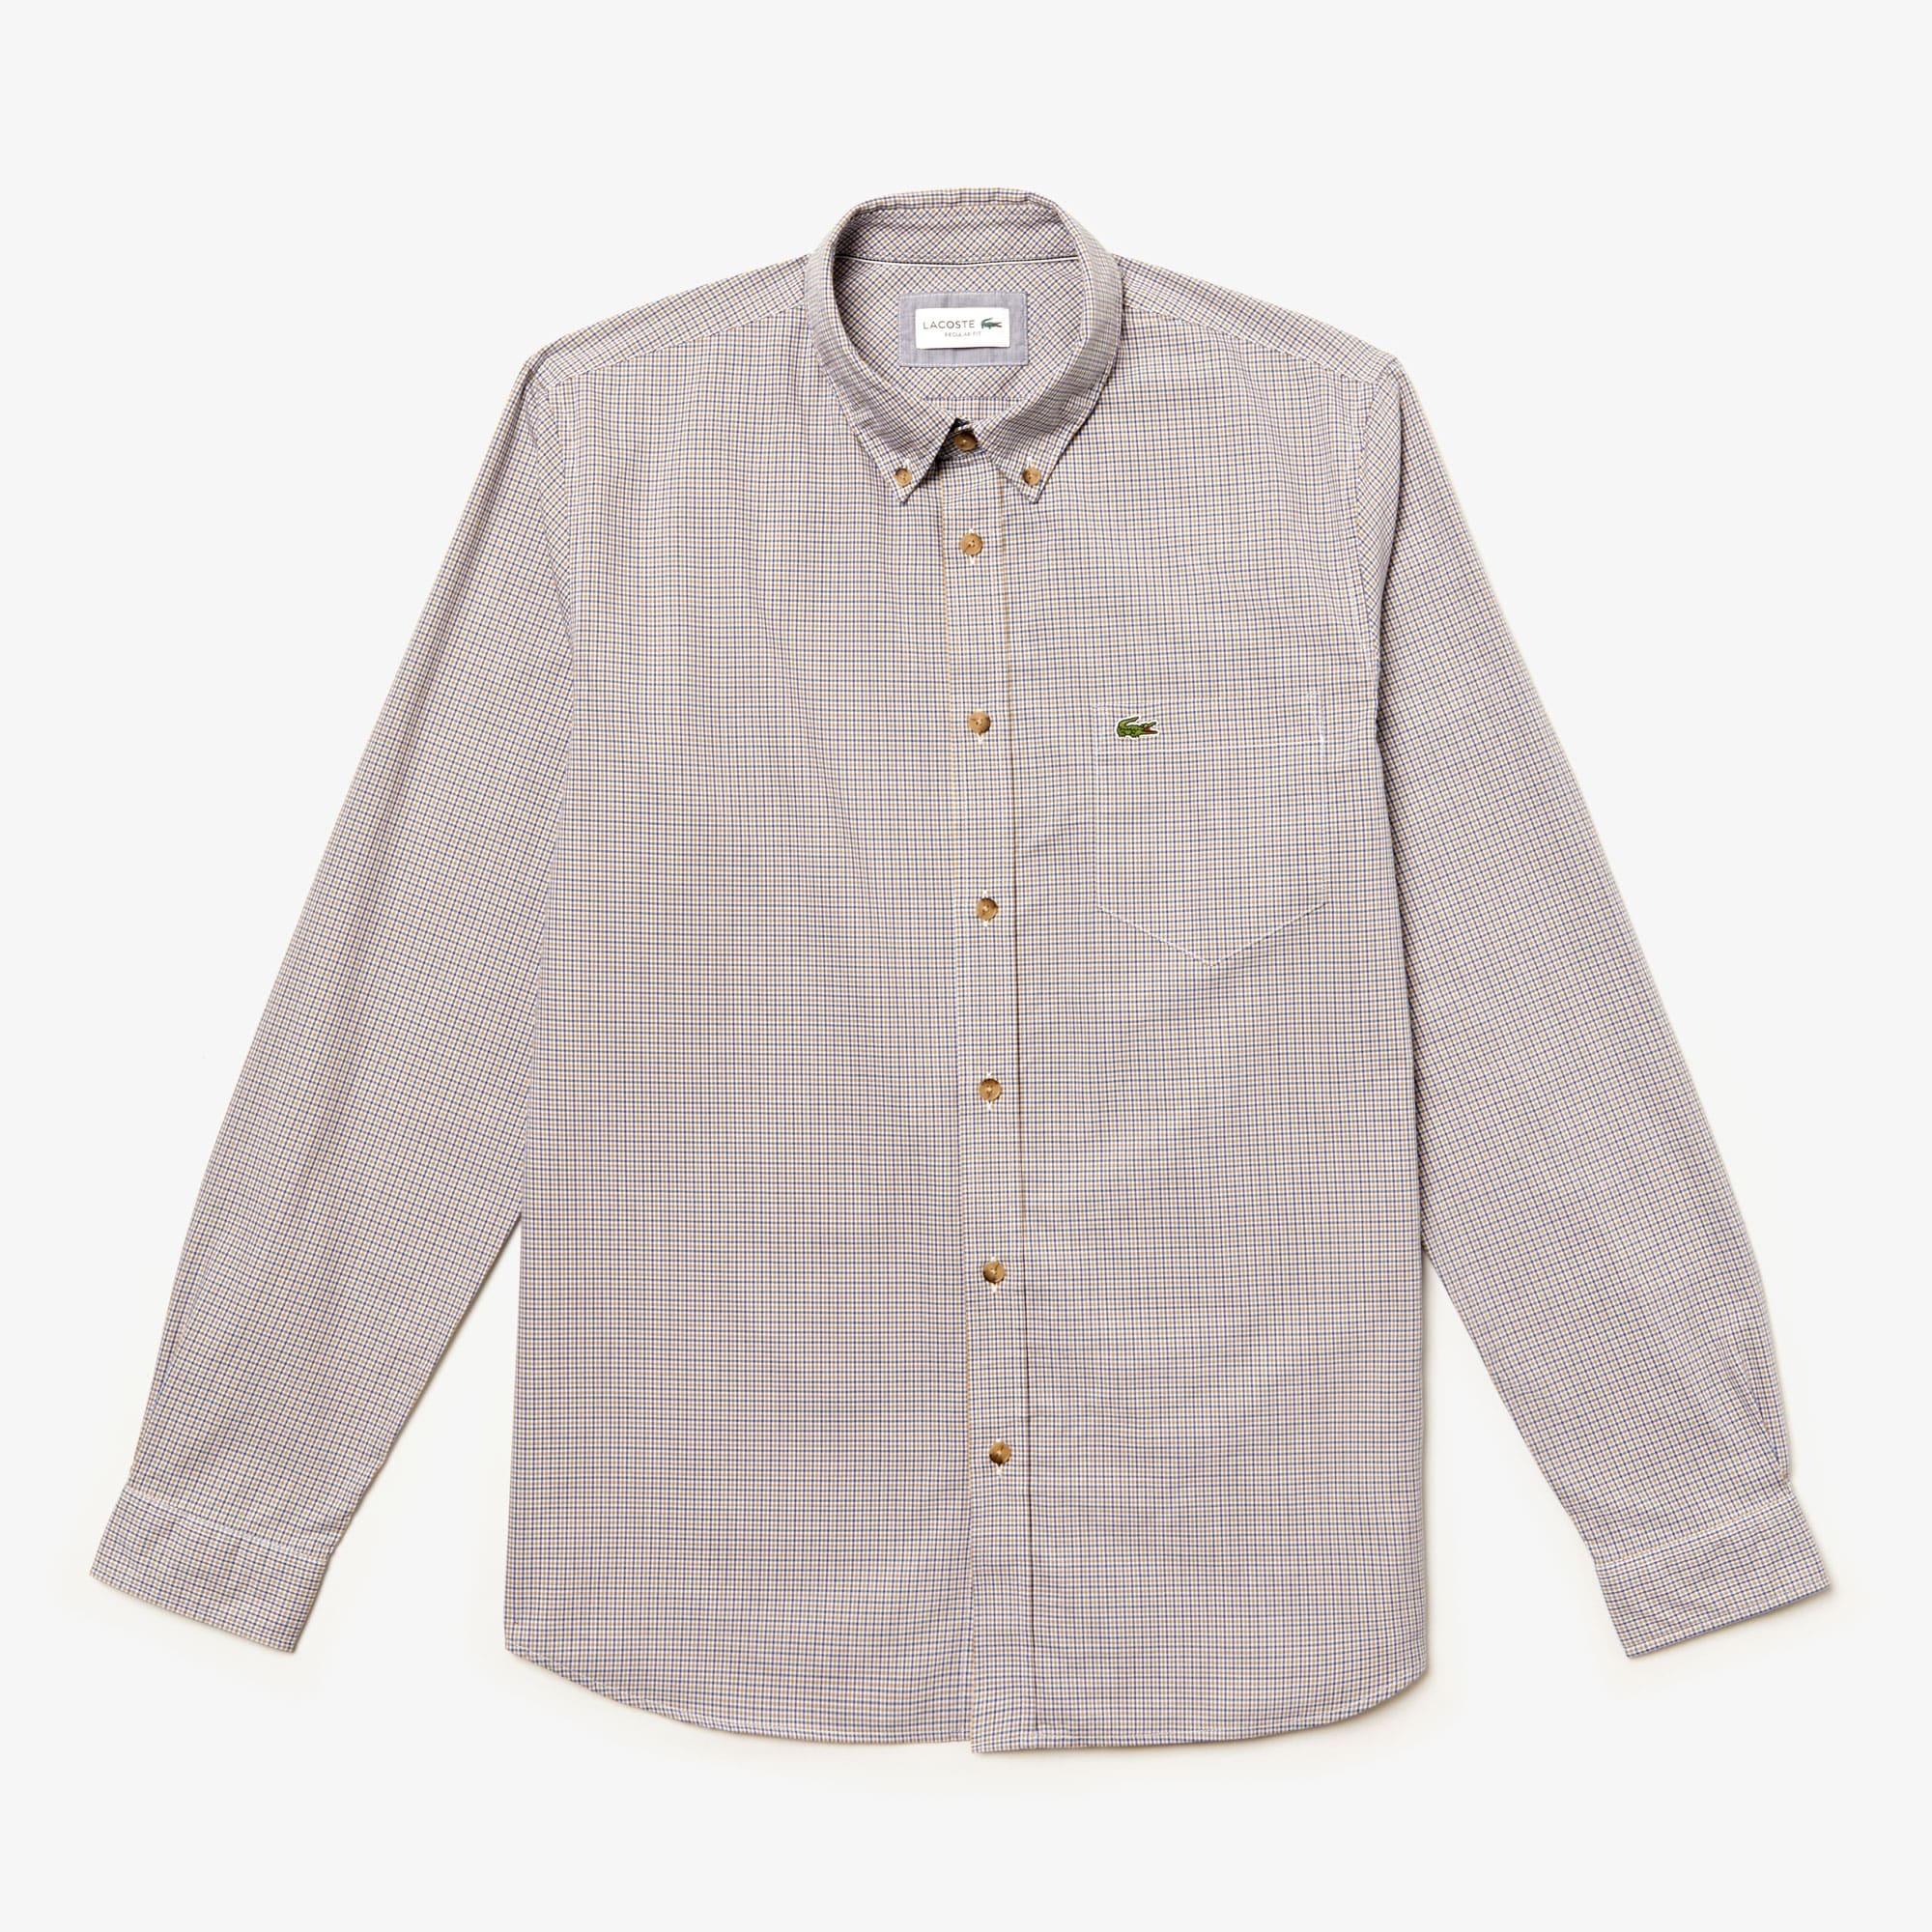 67171ce9 Shirts for men | Men's fashion | LACOSTE